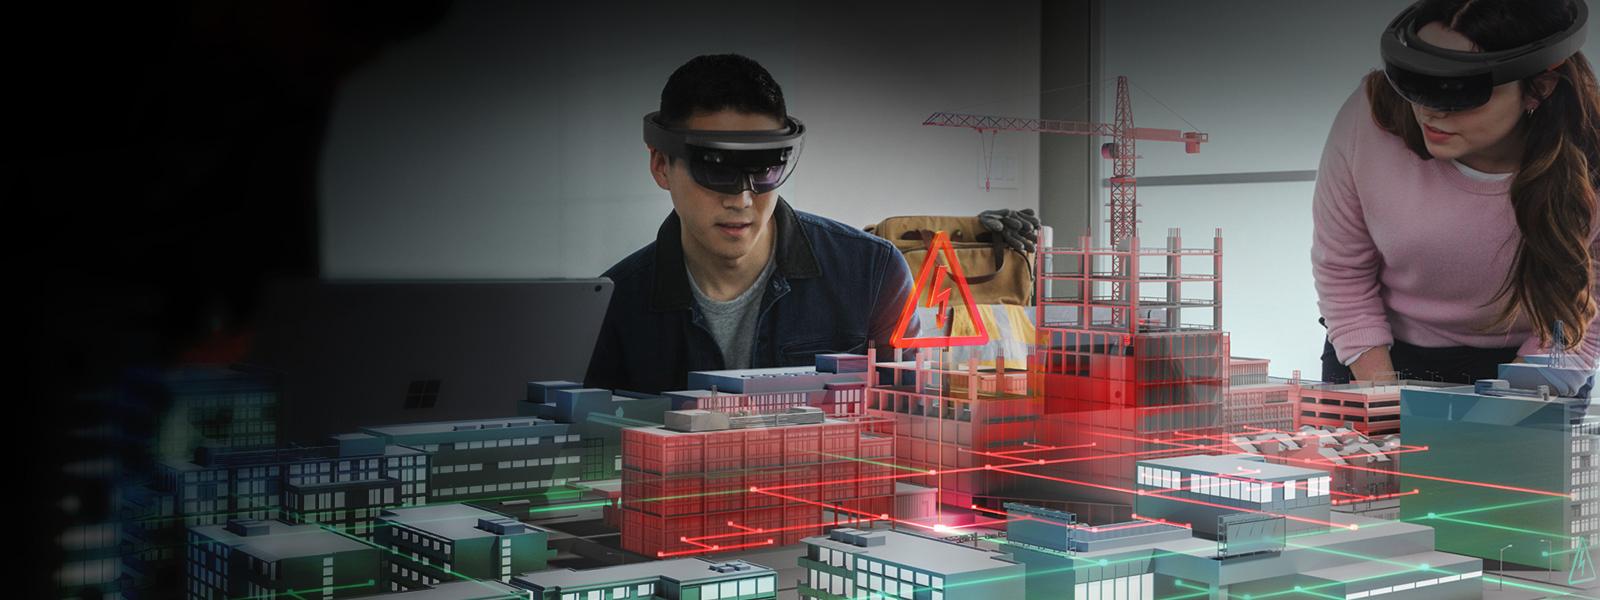 Un bărbat și o femeie cu un HoloLens se uită la un model virtual de construcție